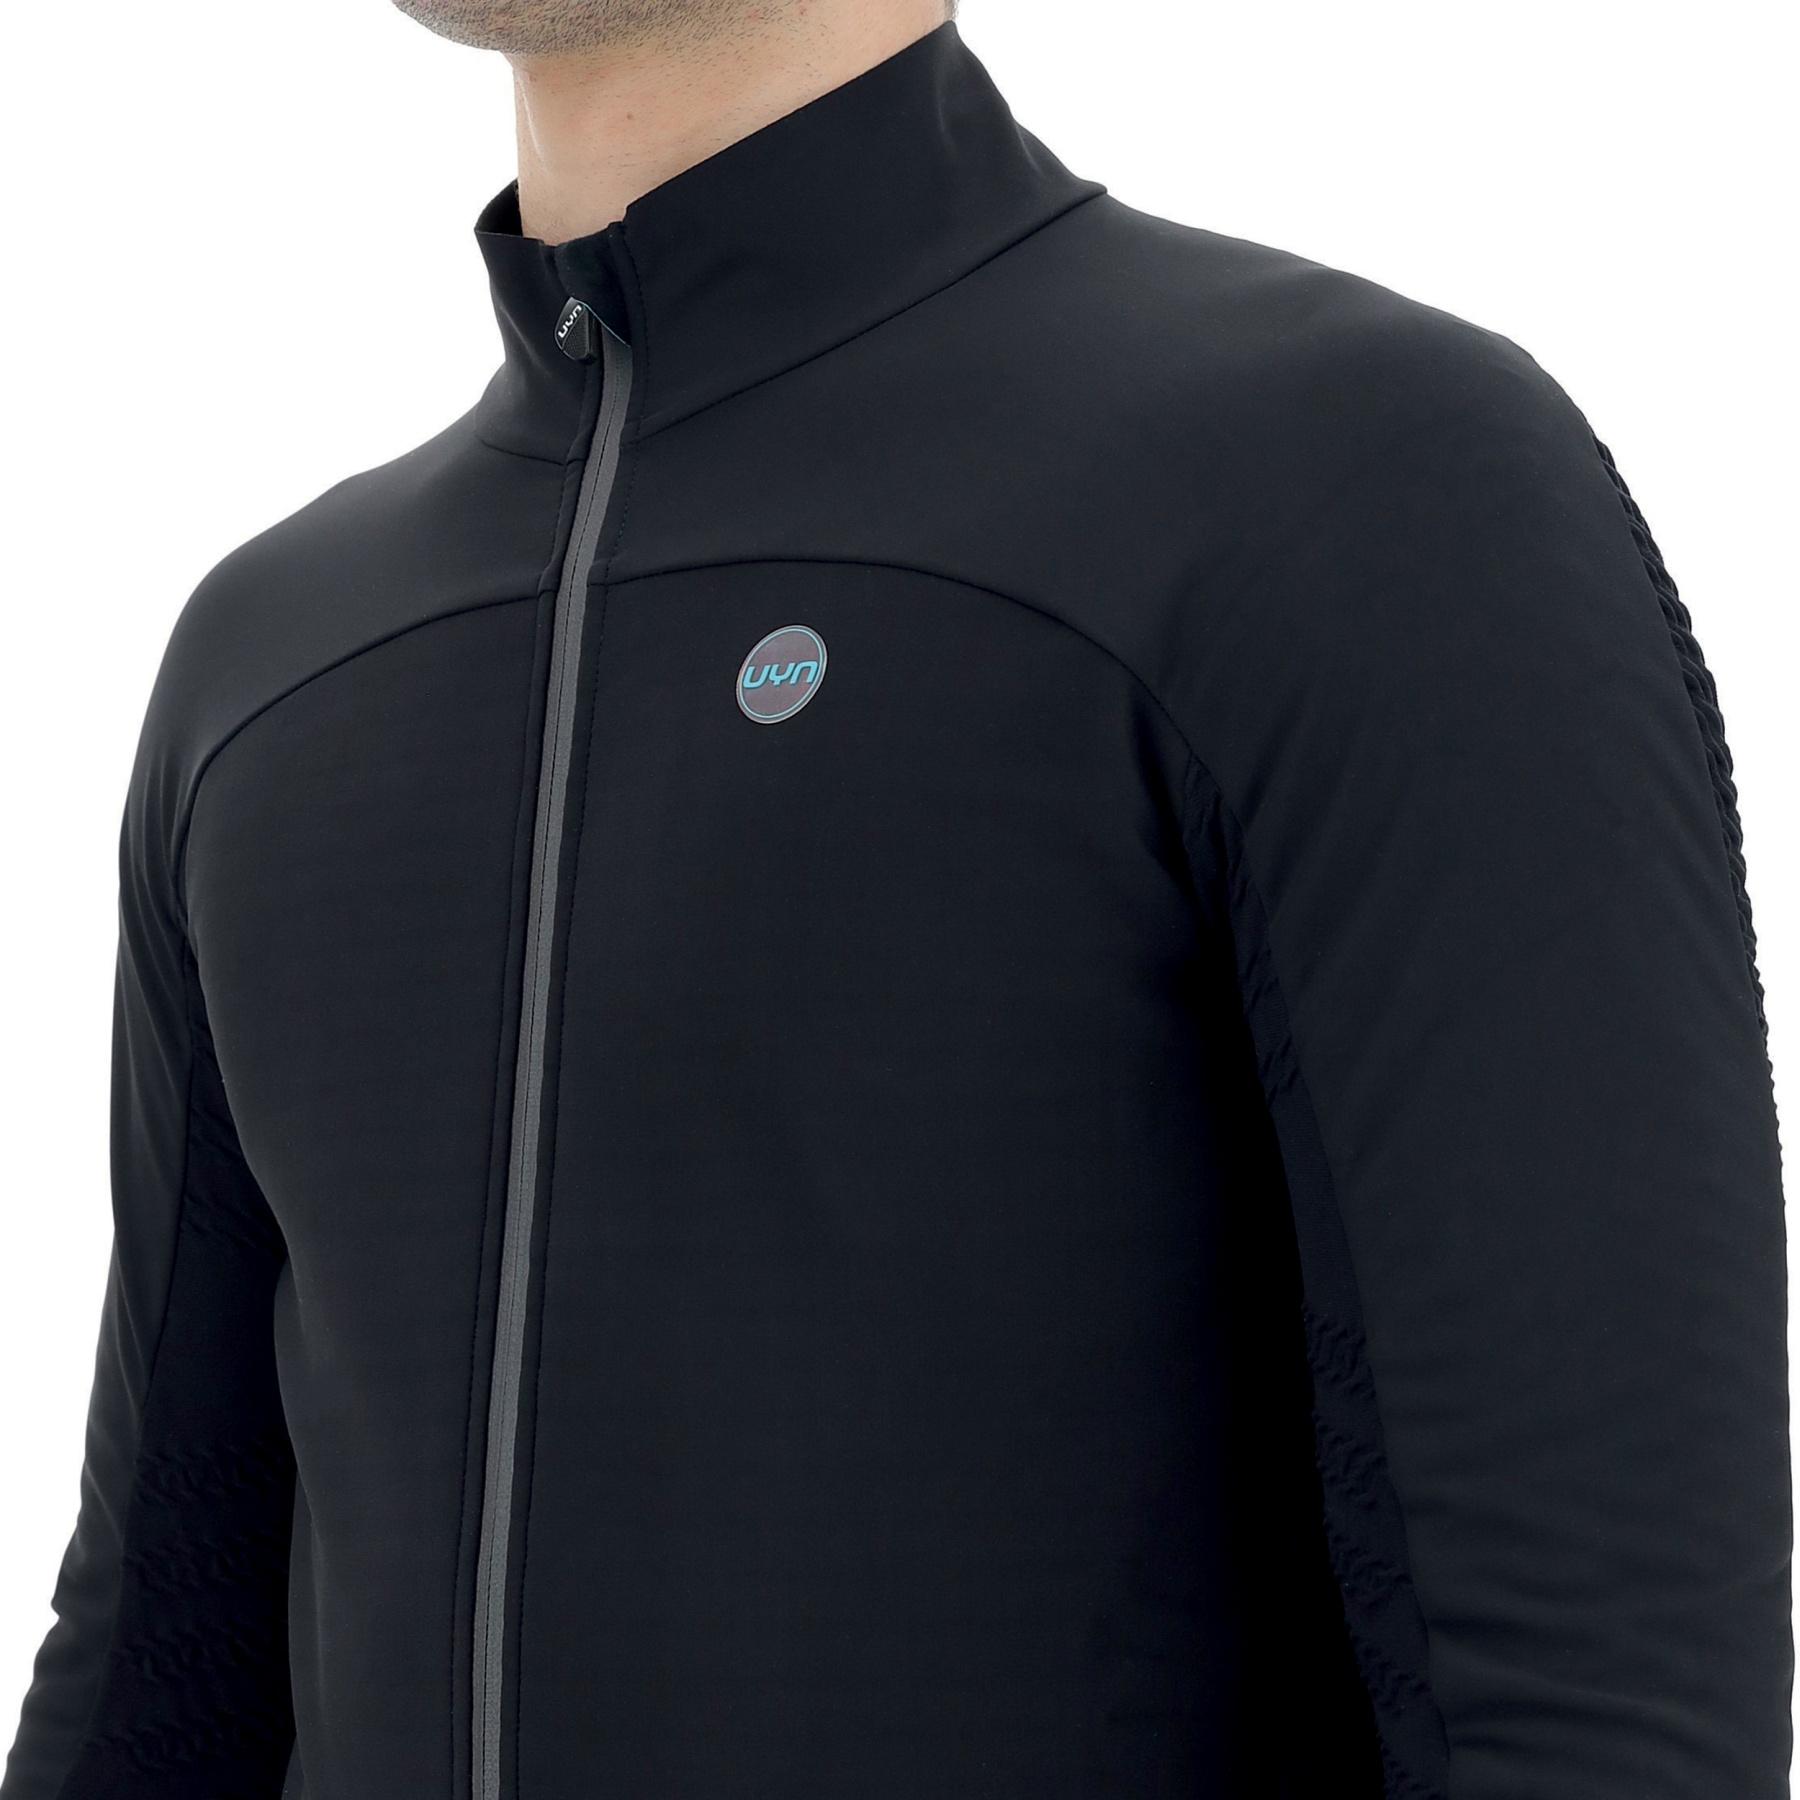 Image of UYN Biking Coreshell Aerofit Jacket - Black/Black/Turquoise